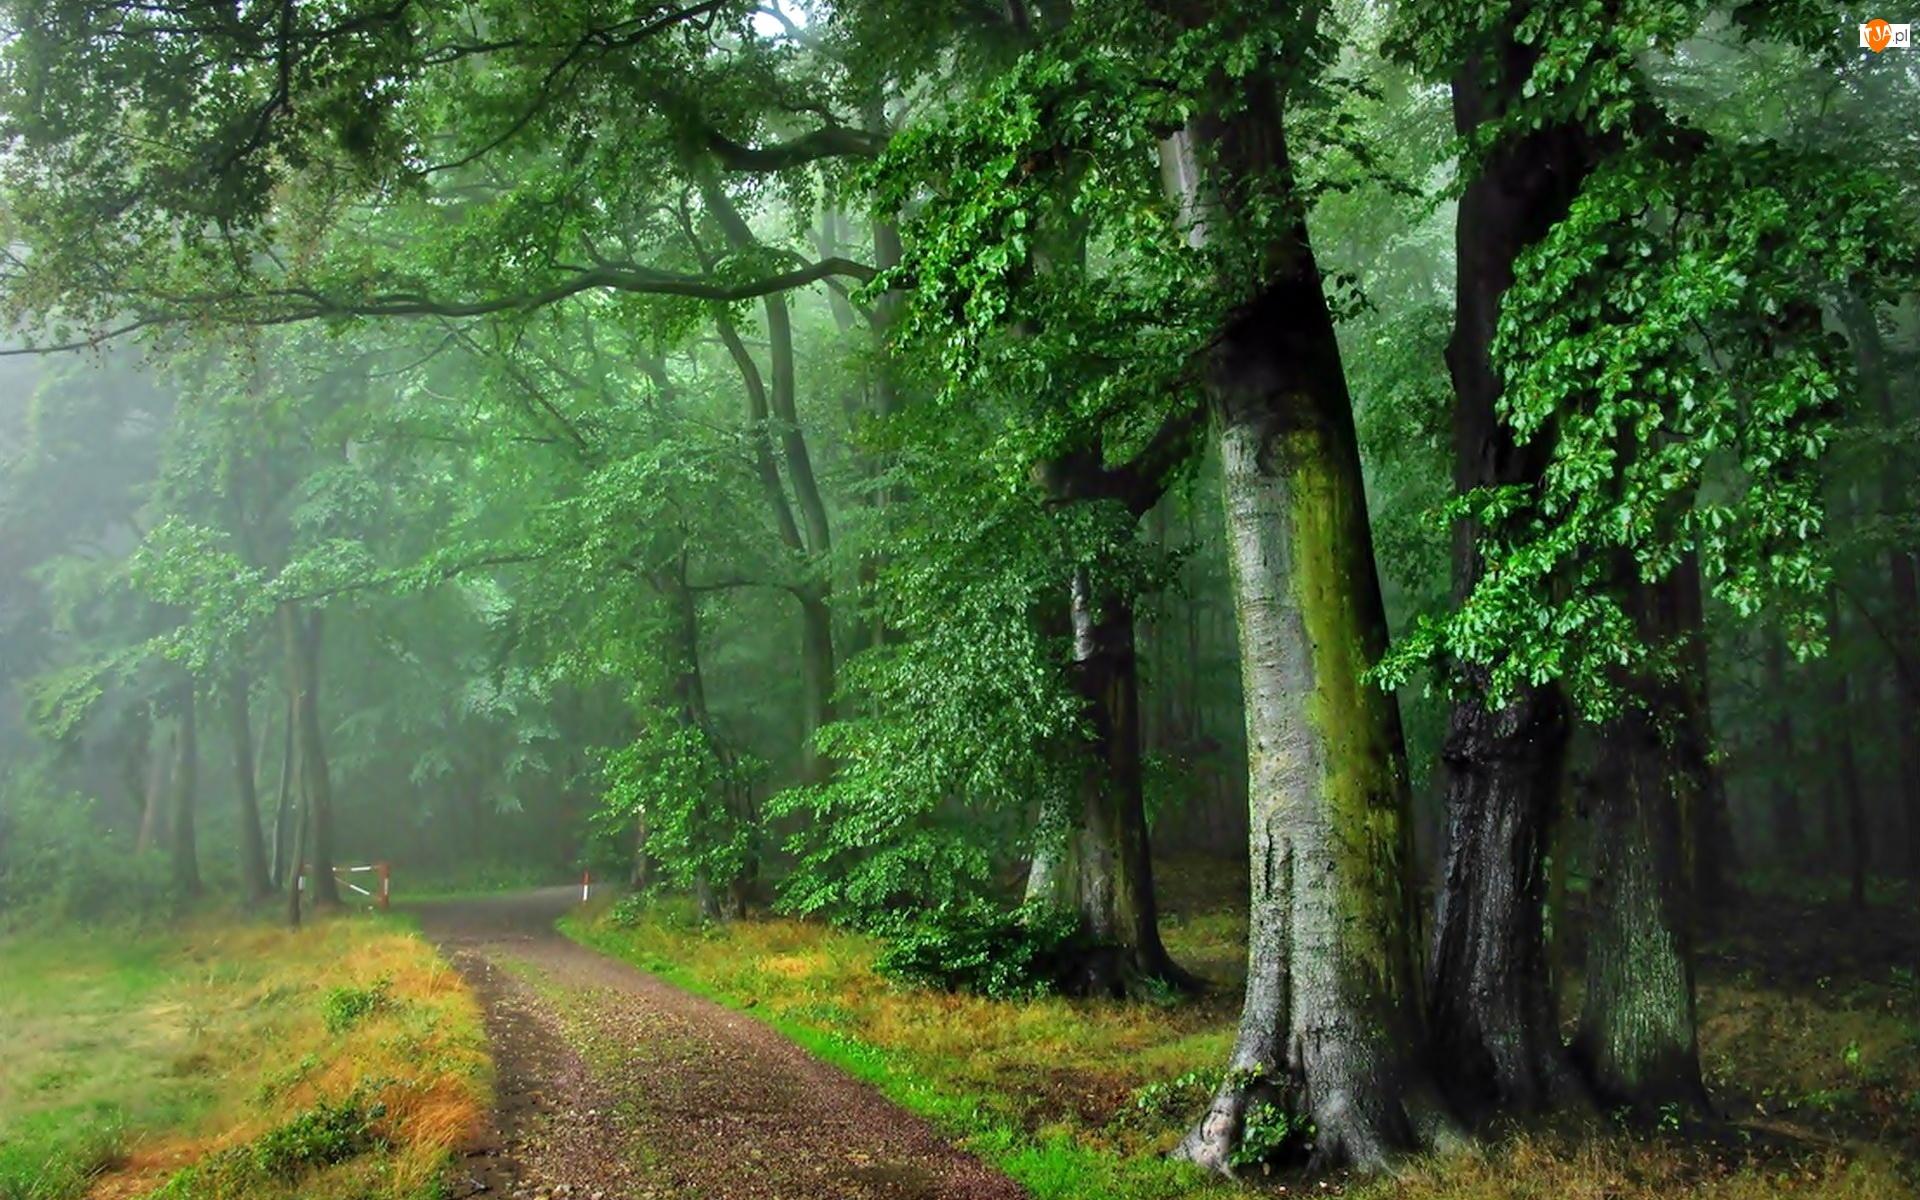 Lato, Drzewa, Droga, Las